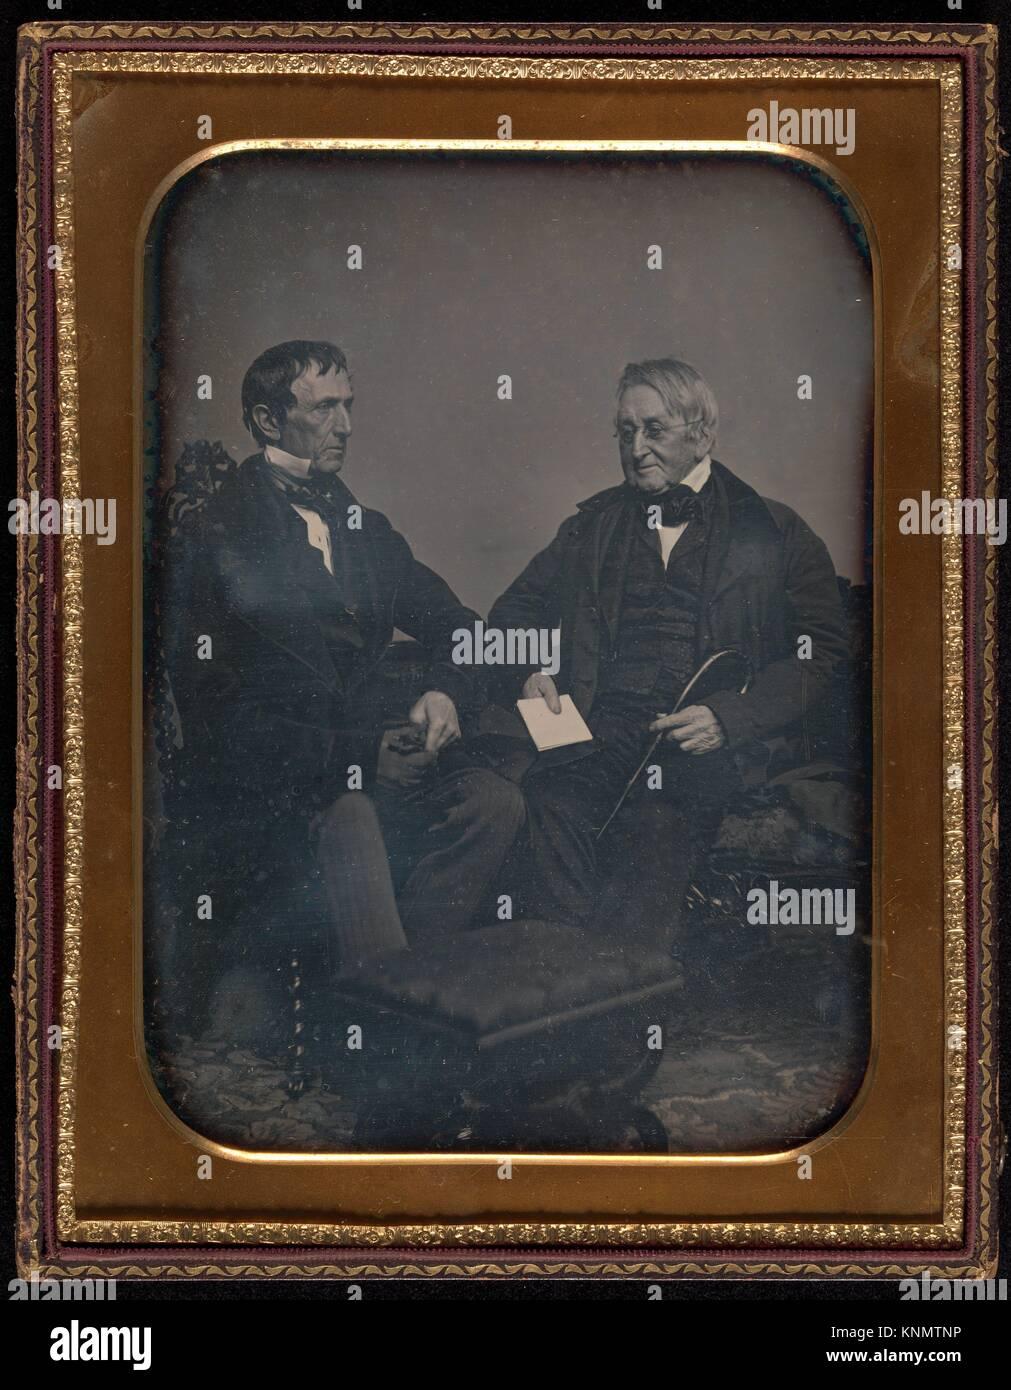 God! Daguerreotype john adams words... super